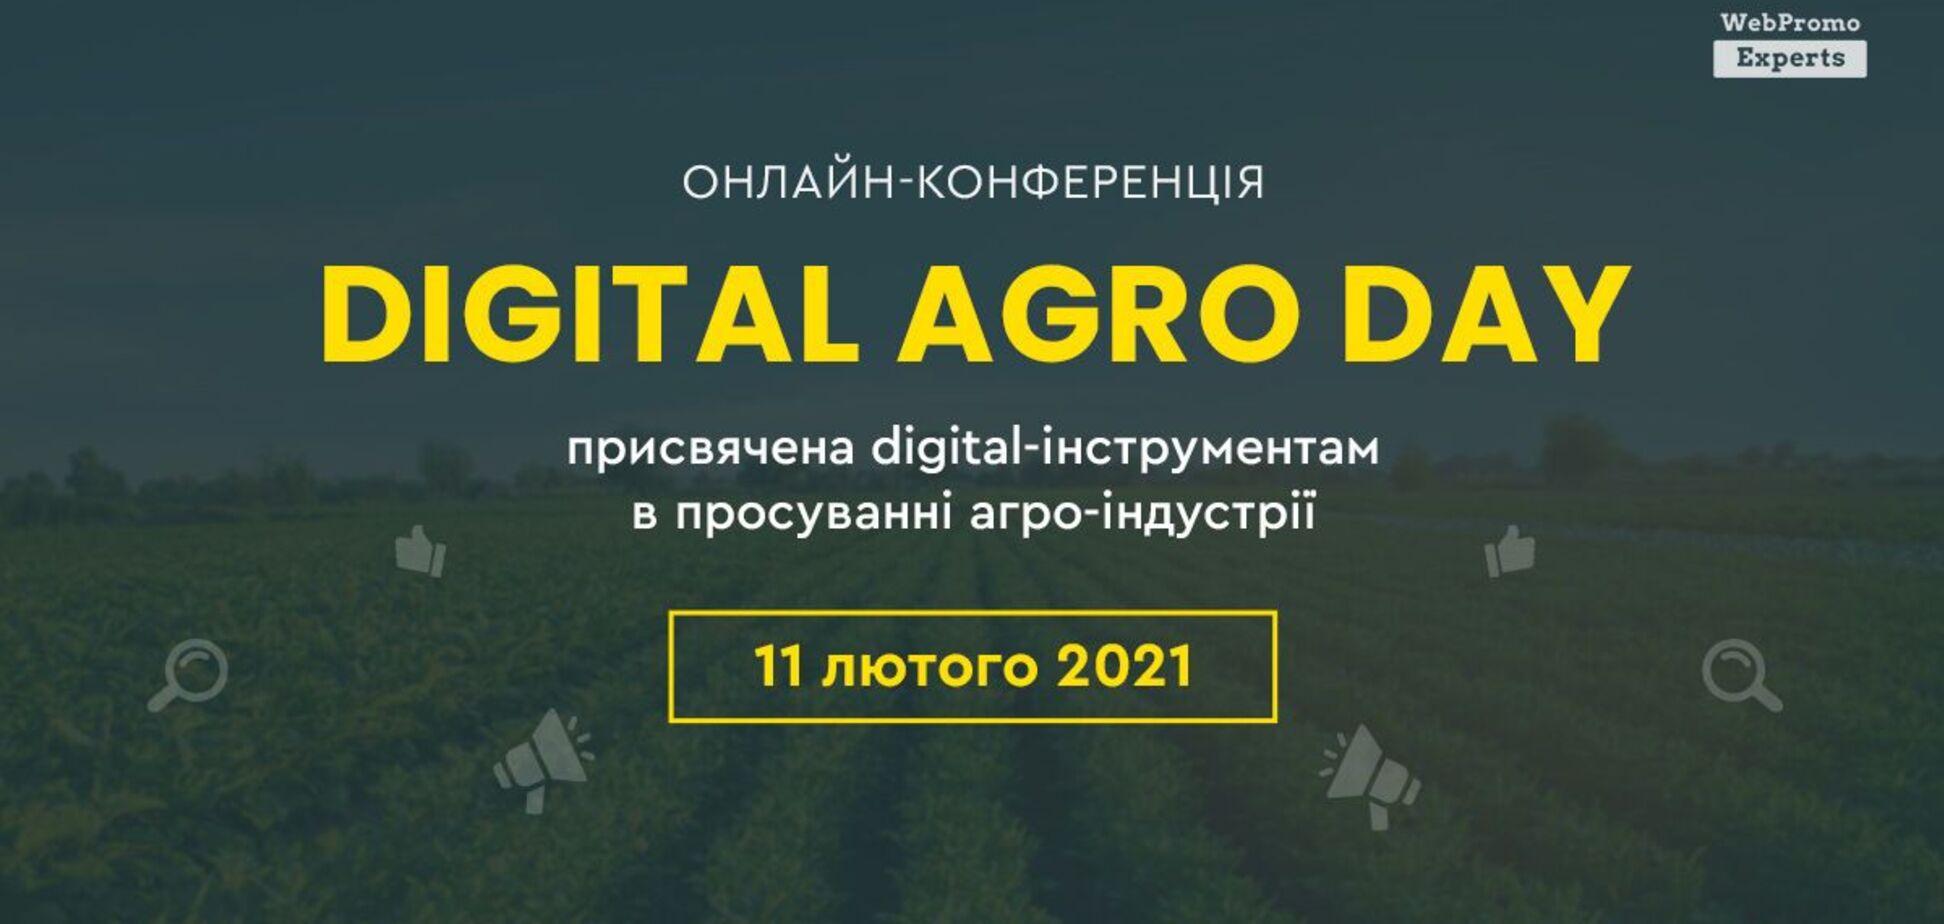 В Украине пройдет первая онлайн-конференция по продвижению агроиндустрии в интернете Digital Agro Day